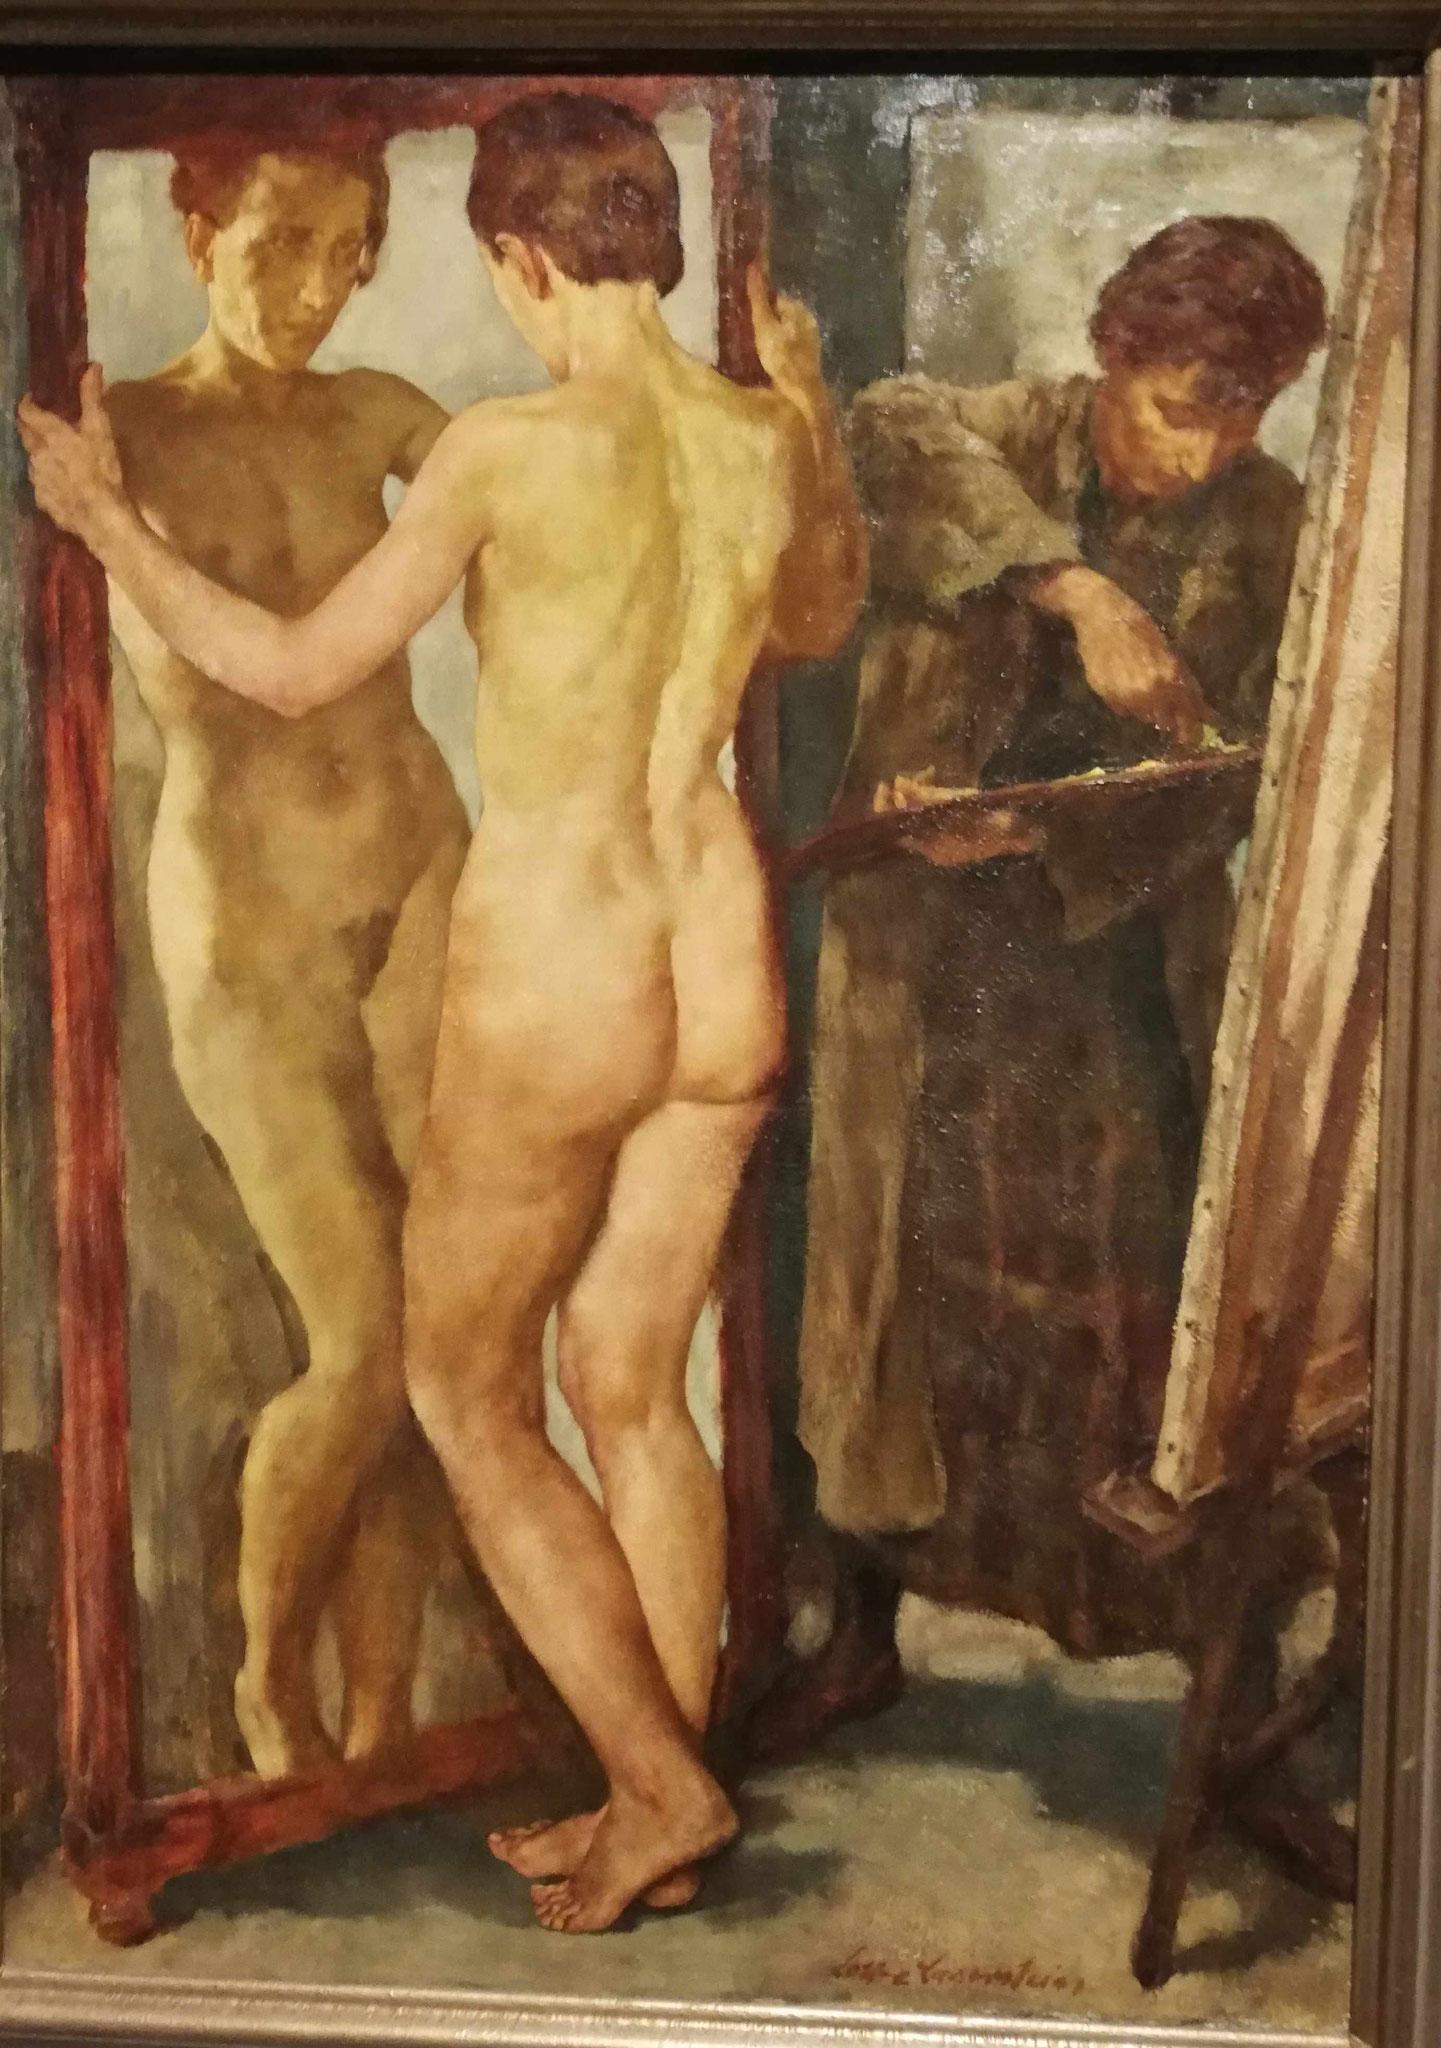 Lotte Laserstein, Vor dem Spiegel, 1930/31